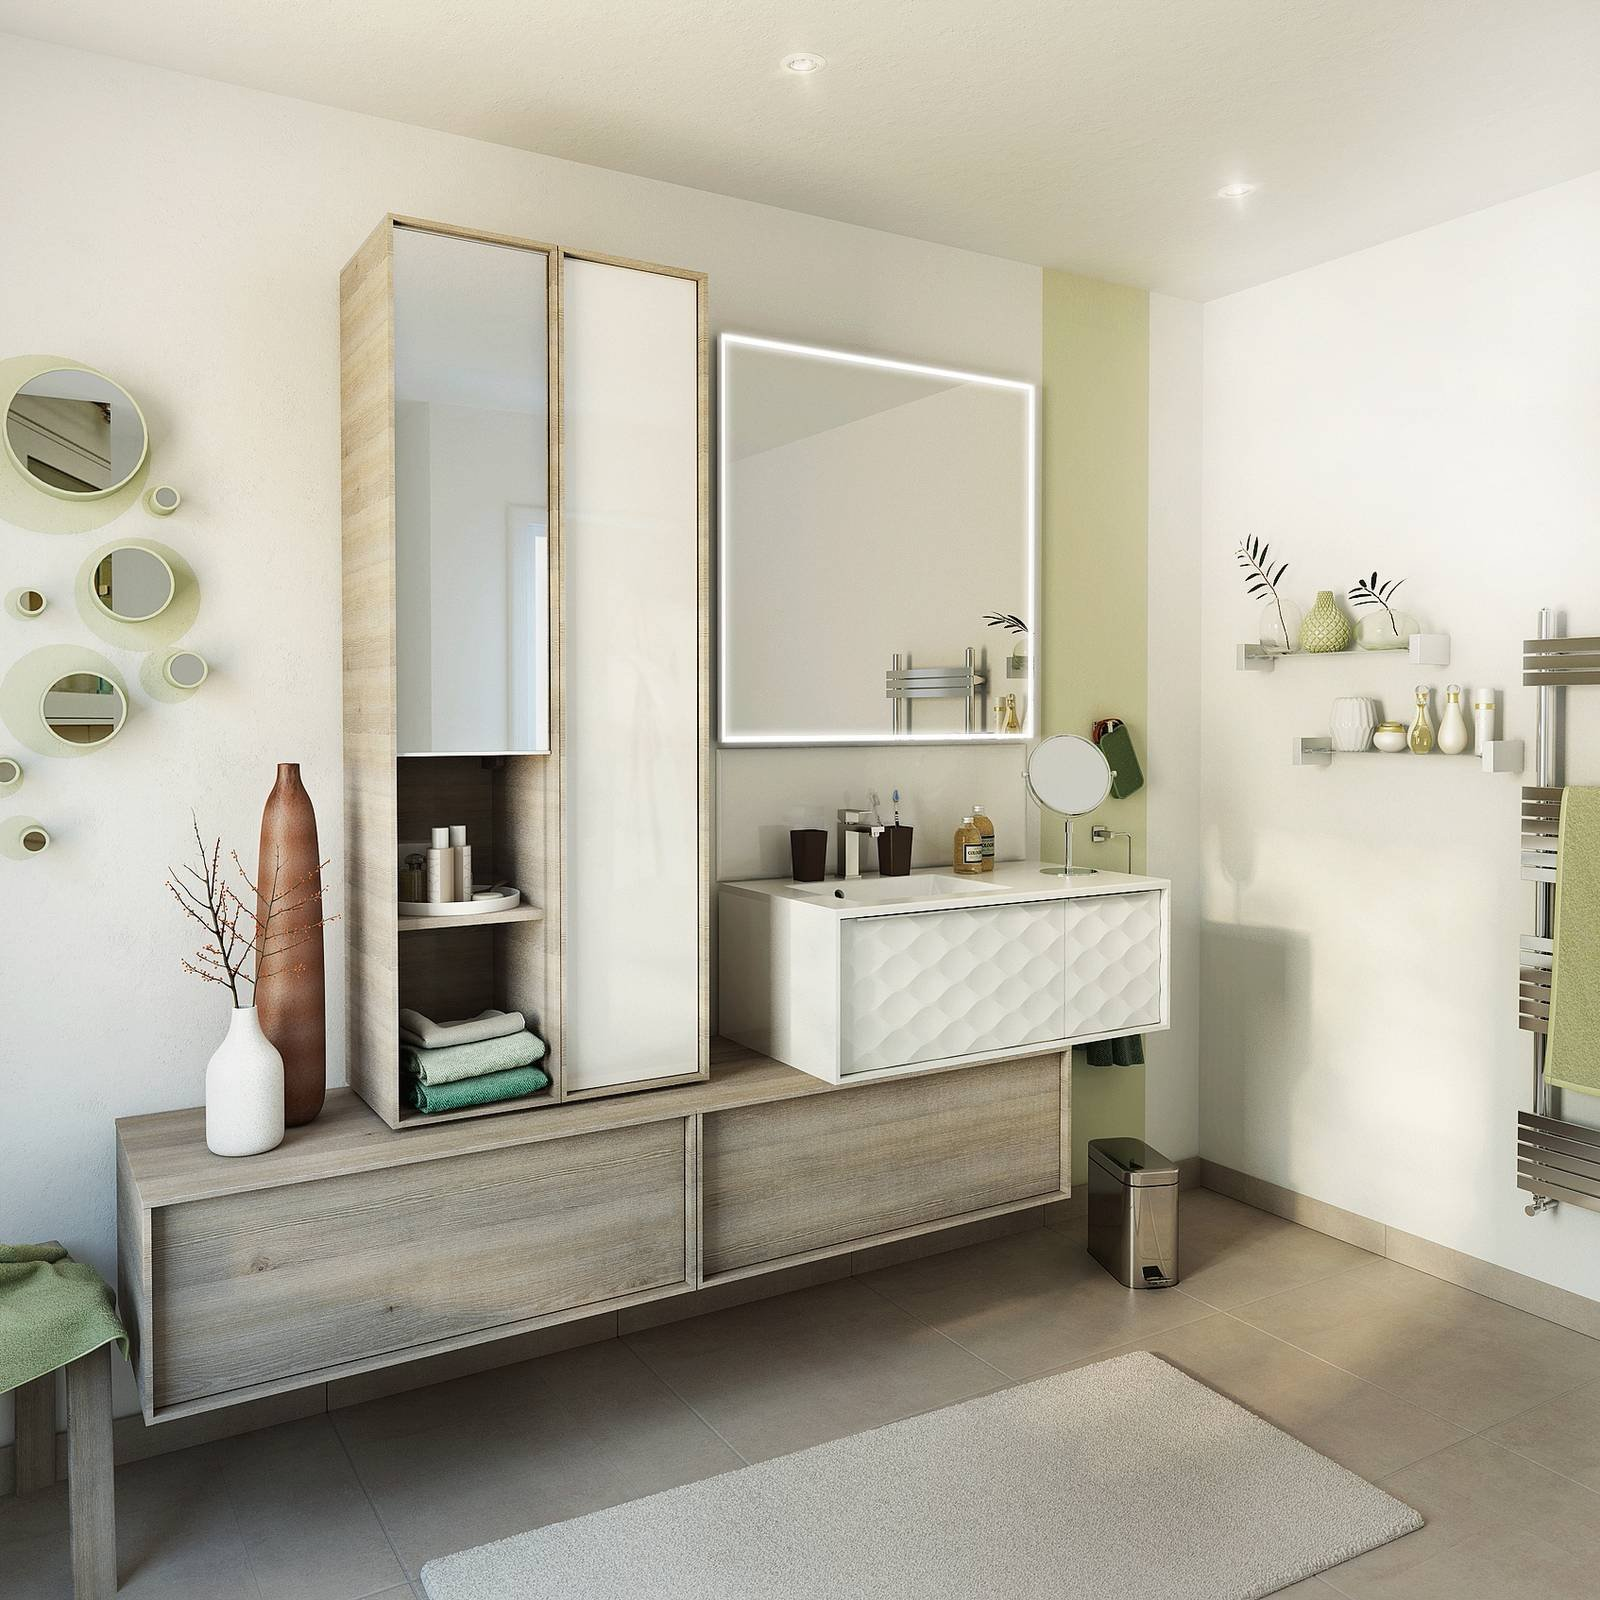 Mobile bagno pi di 500 idee per rinnovare l 39 ambiente - Idee specchi per bagno ...